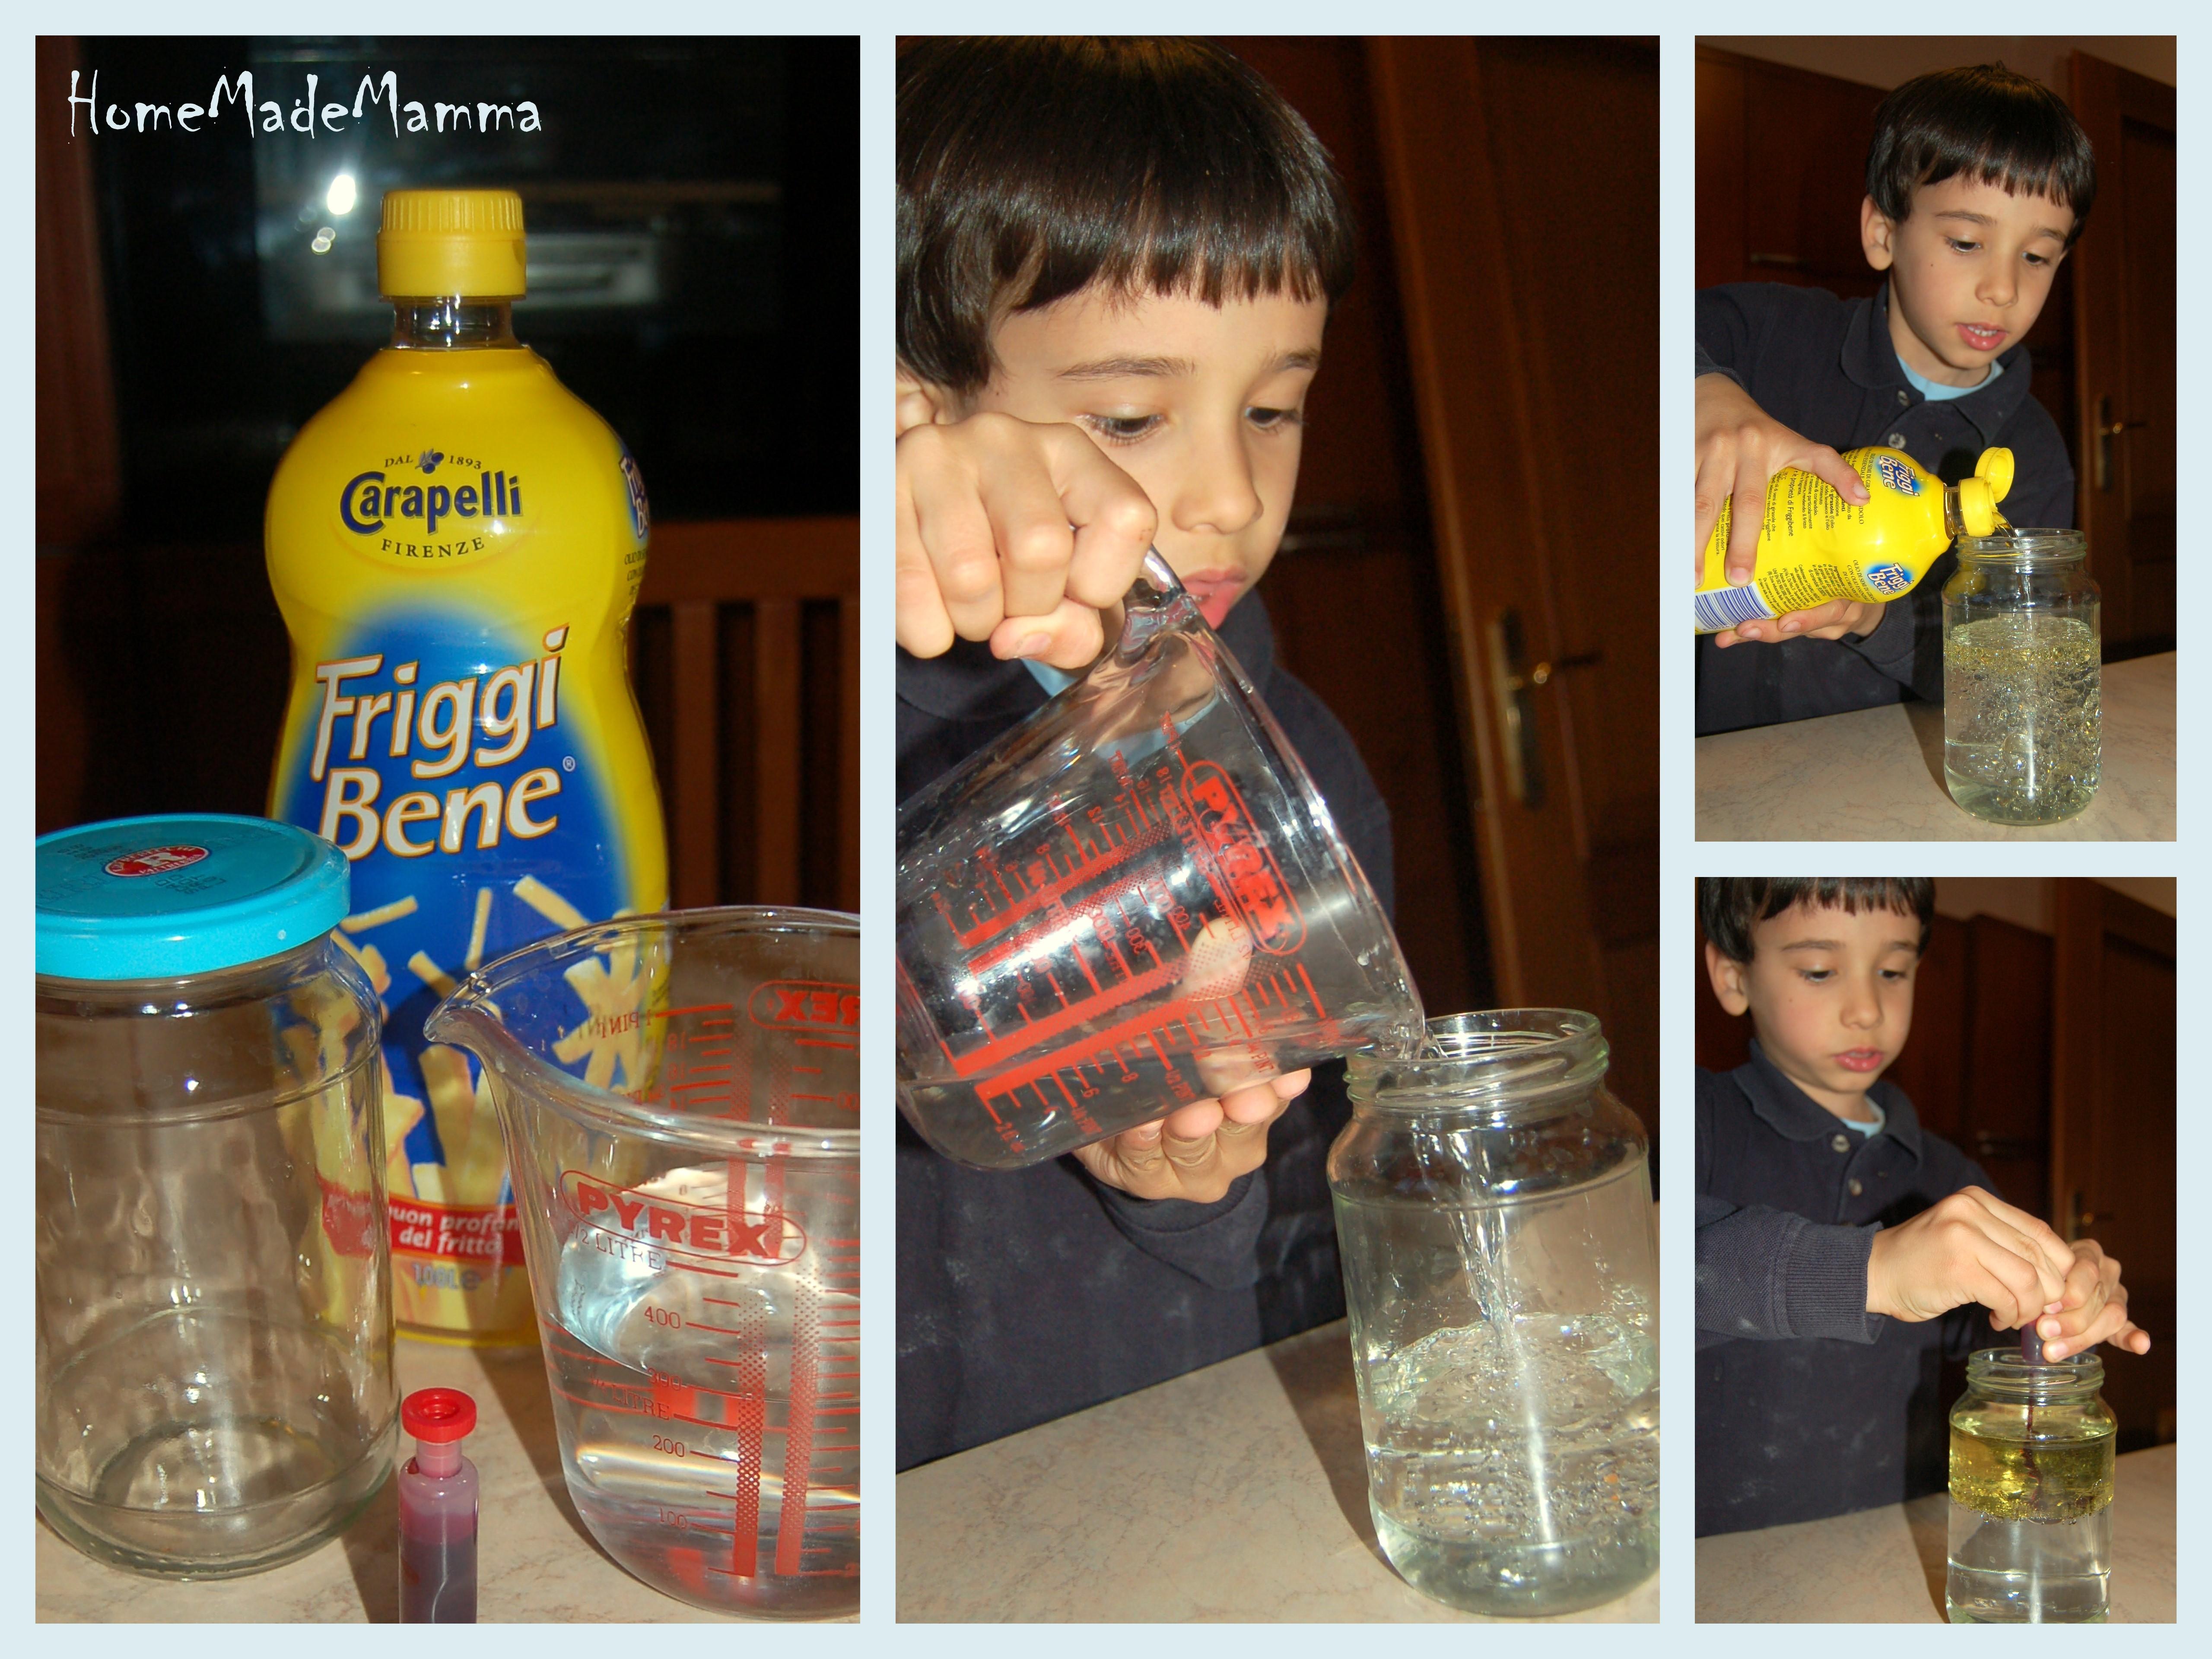 Top Esperimenti Scientifici Per Bambini | - Part 2 RK77